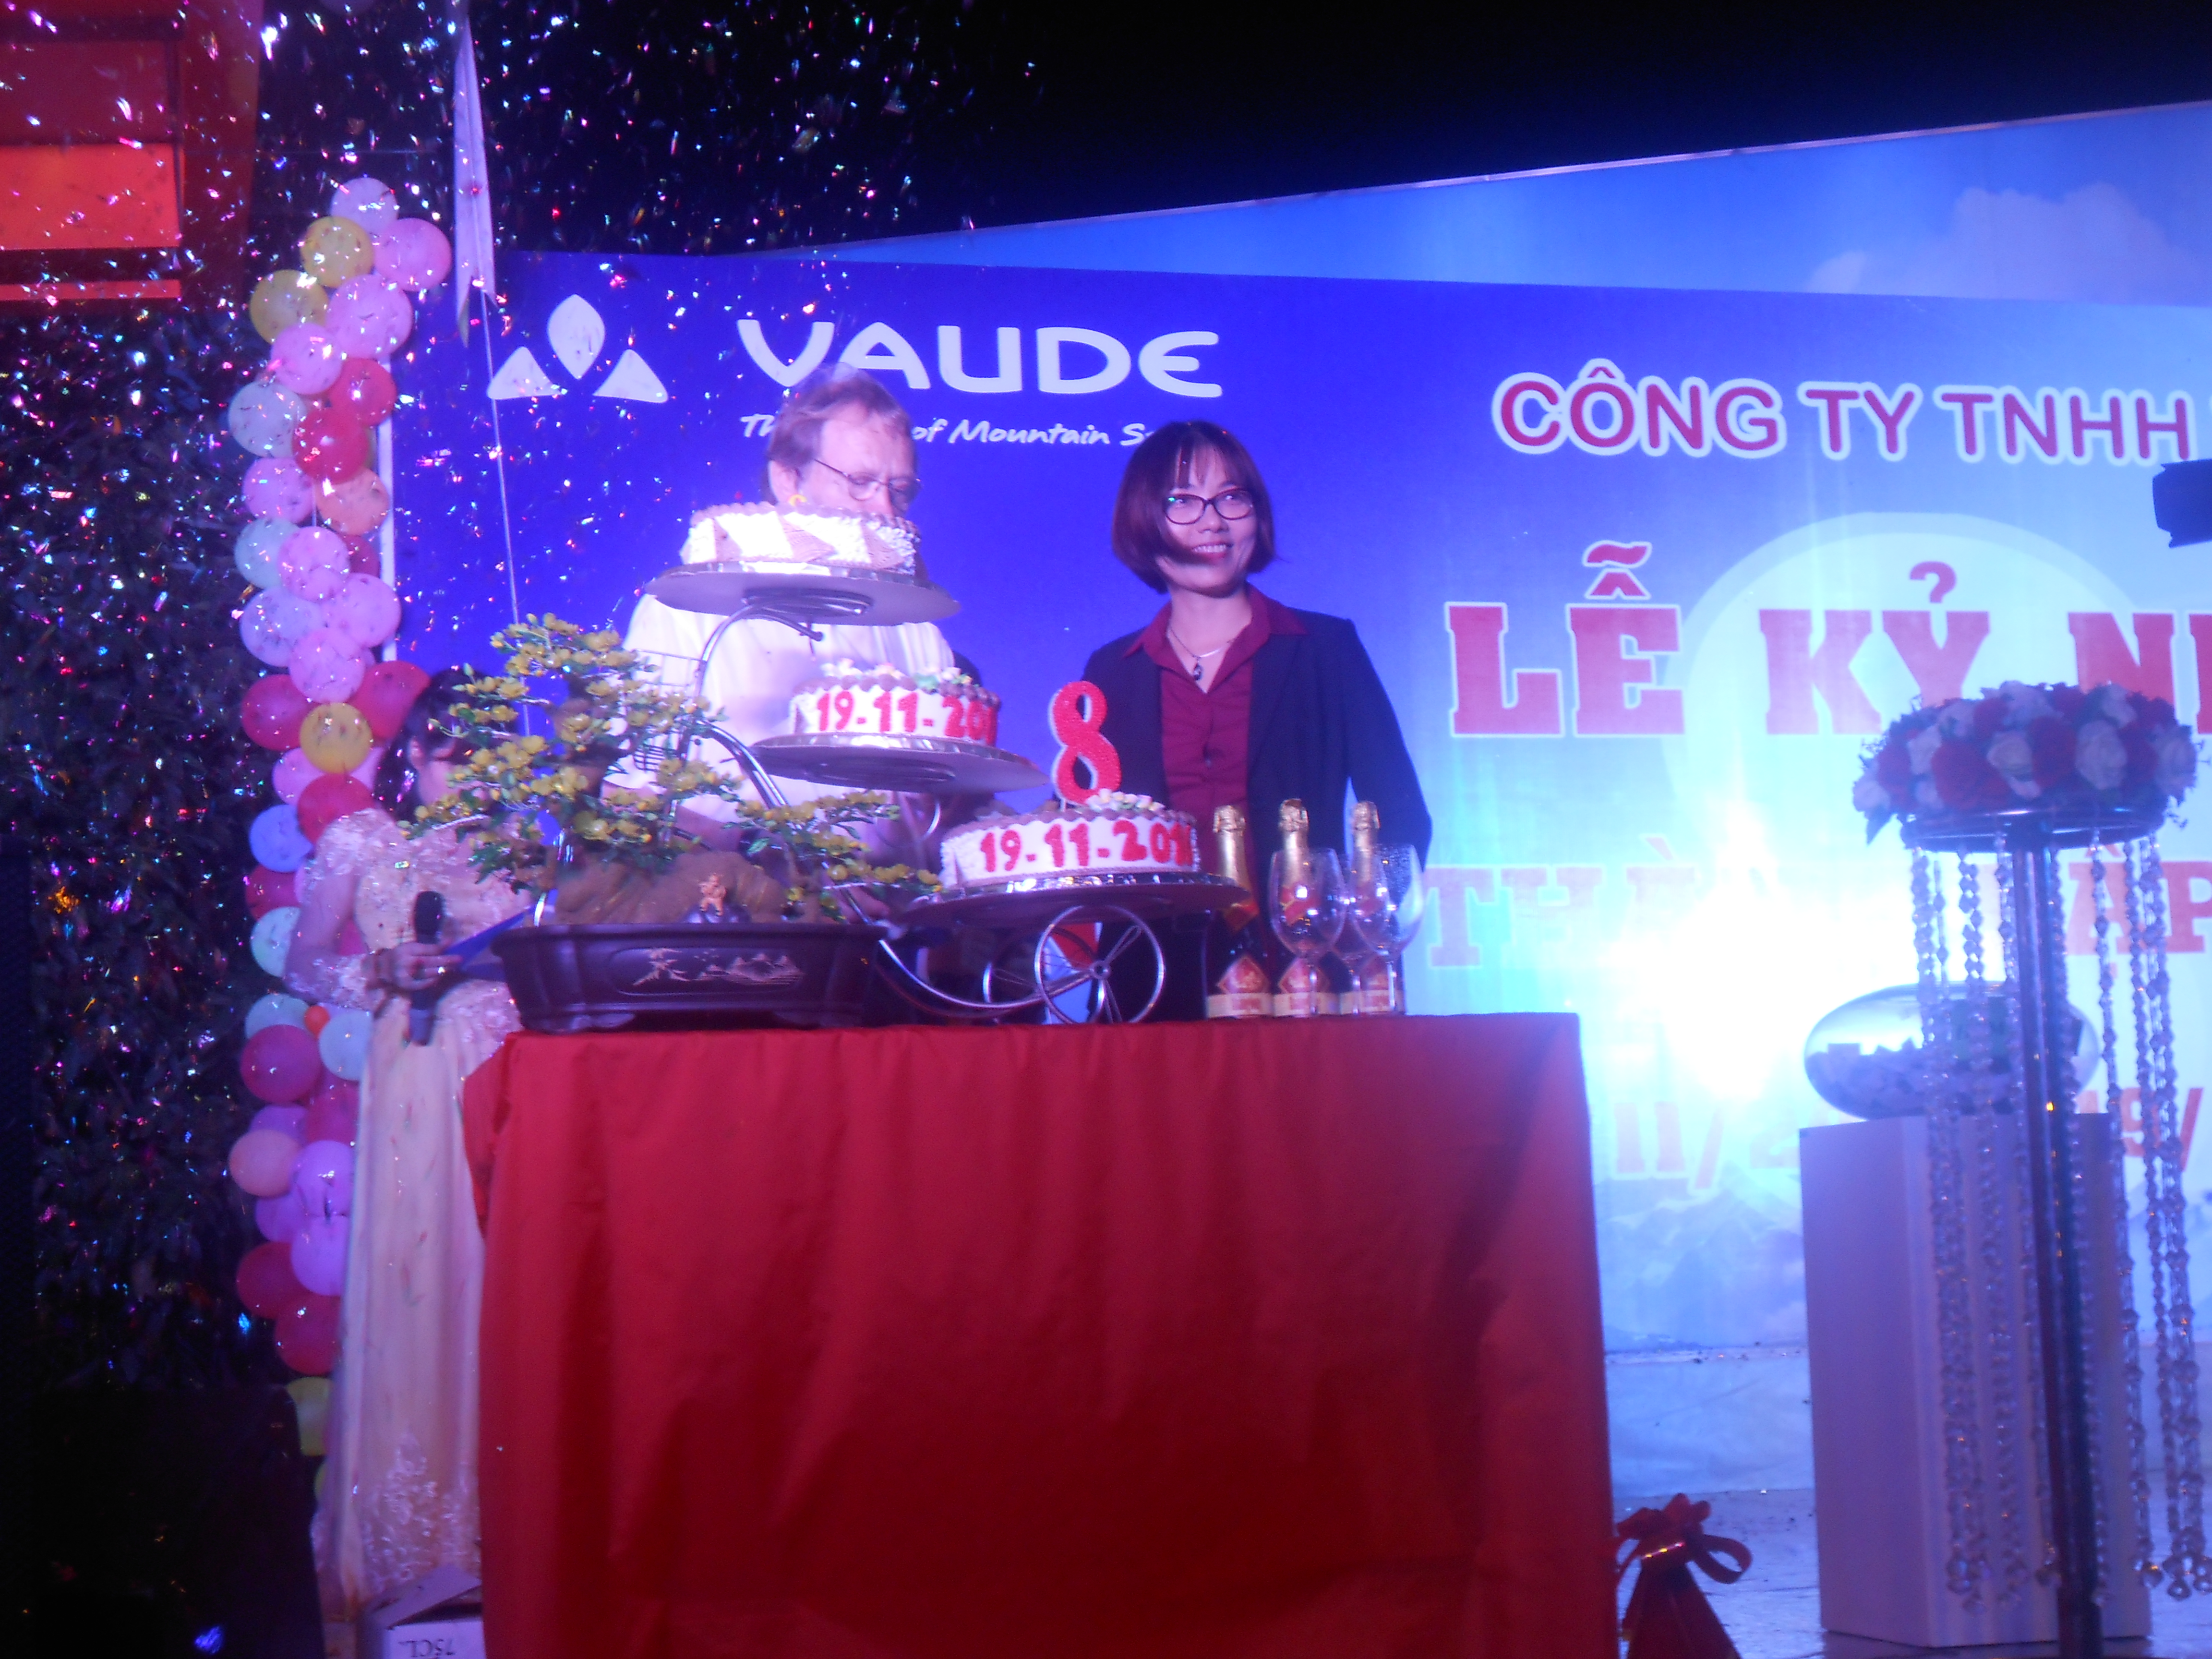 Lễ kỷ niêm 8 năm thành lập Công ty Vaude Việt Nam